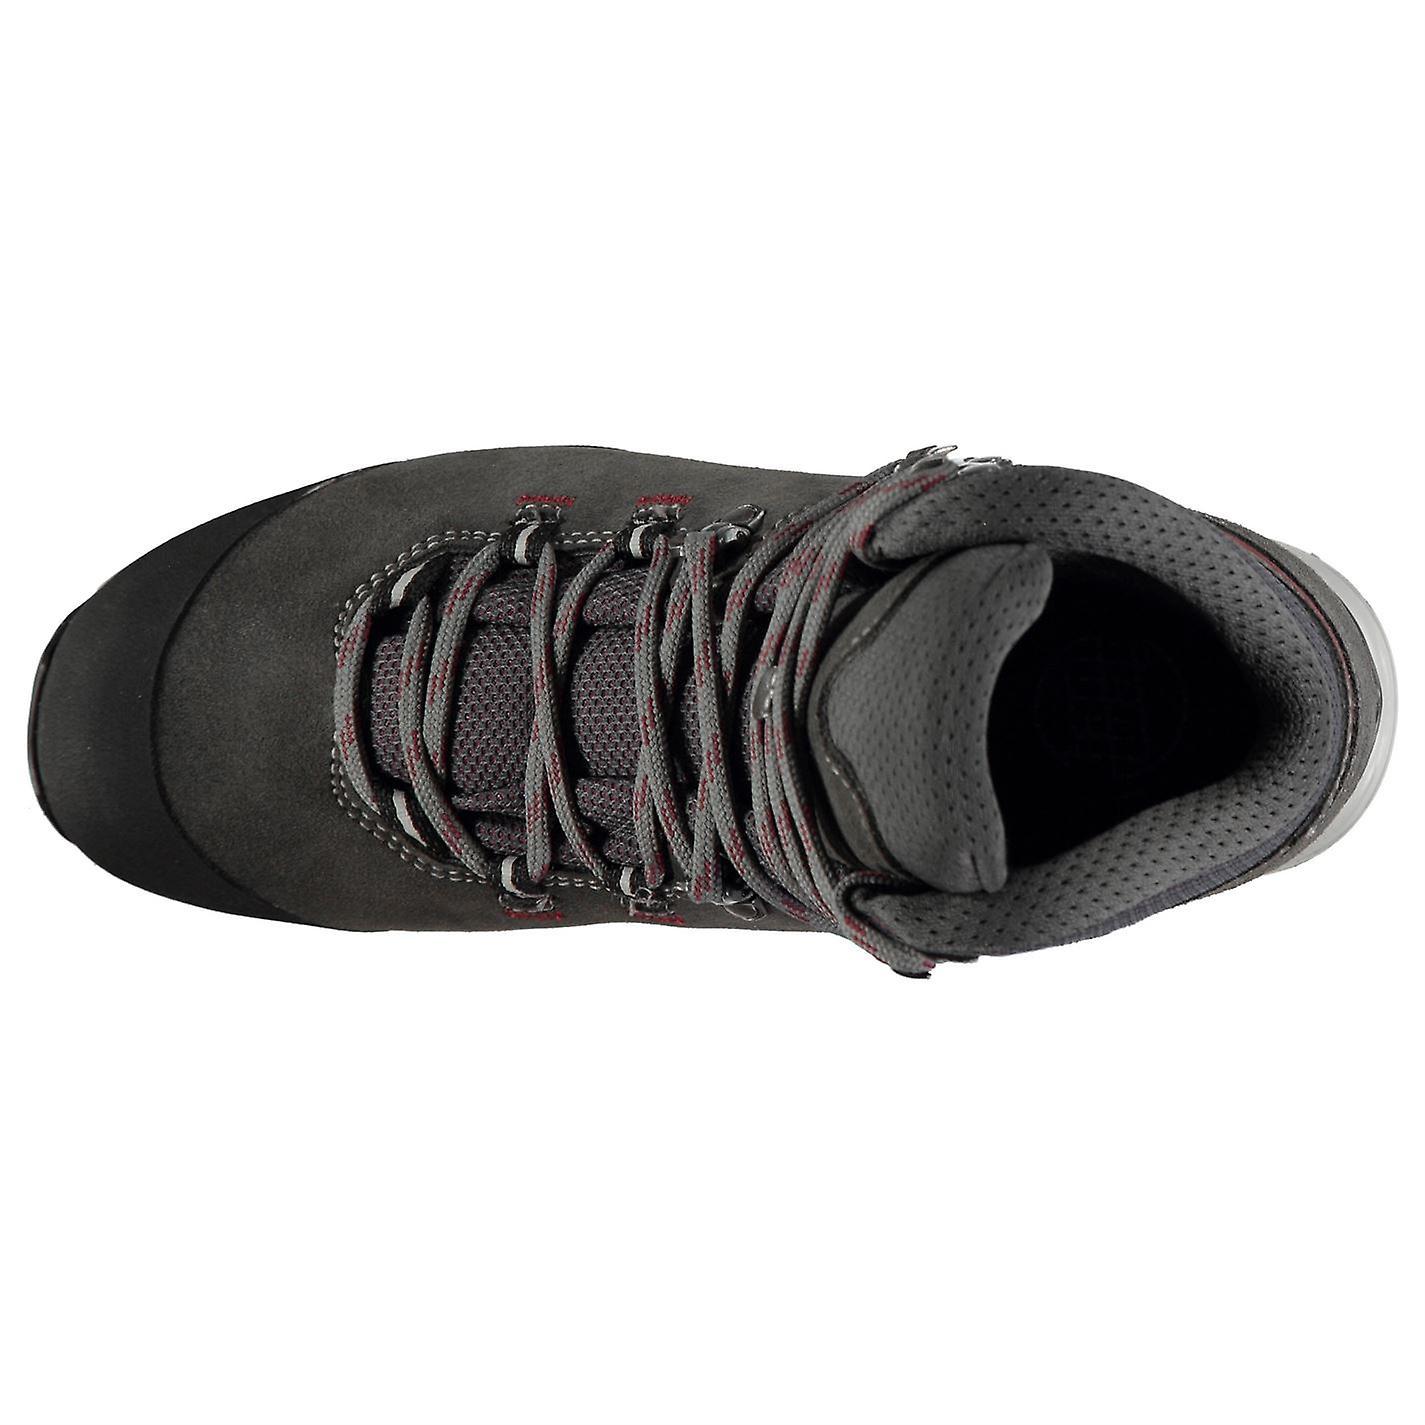 Hanwag Womens Tatra GTX Light Walking Boots Dames Schoenen Sport GoreTex Full Lace Wandelen - Gratis verzending UOMDjl